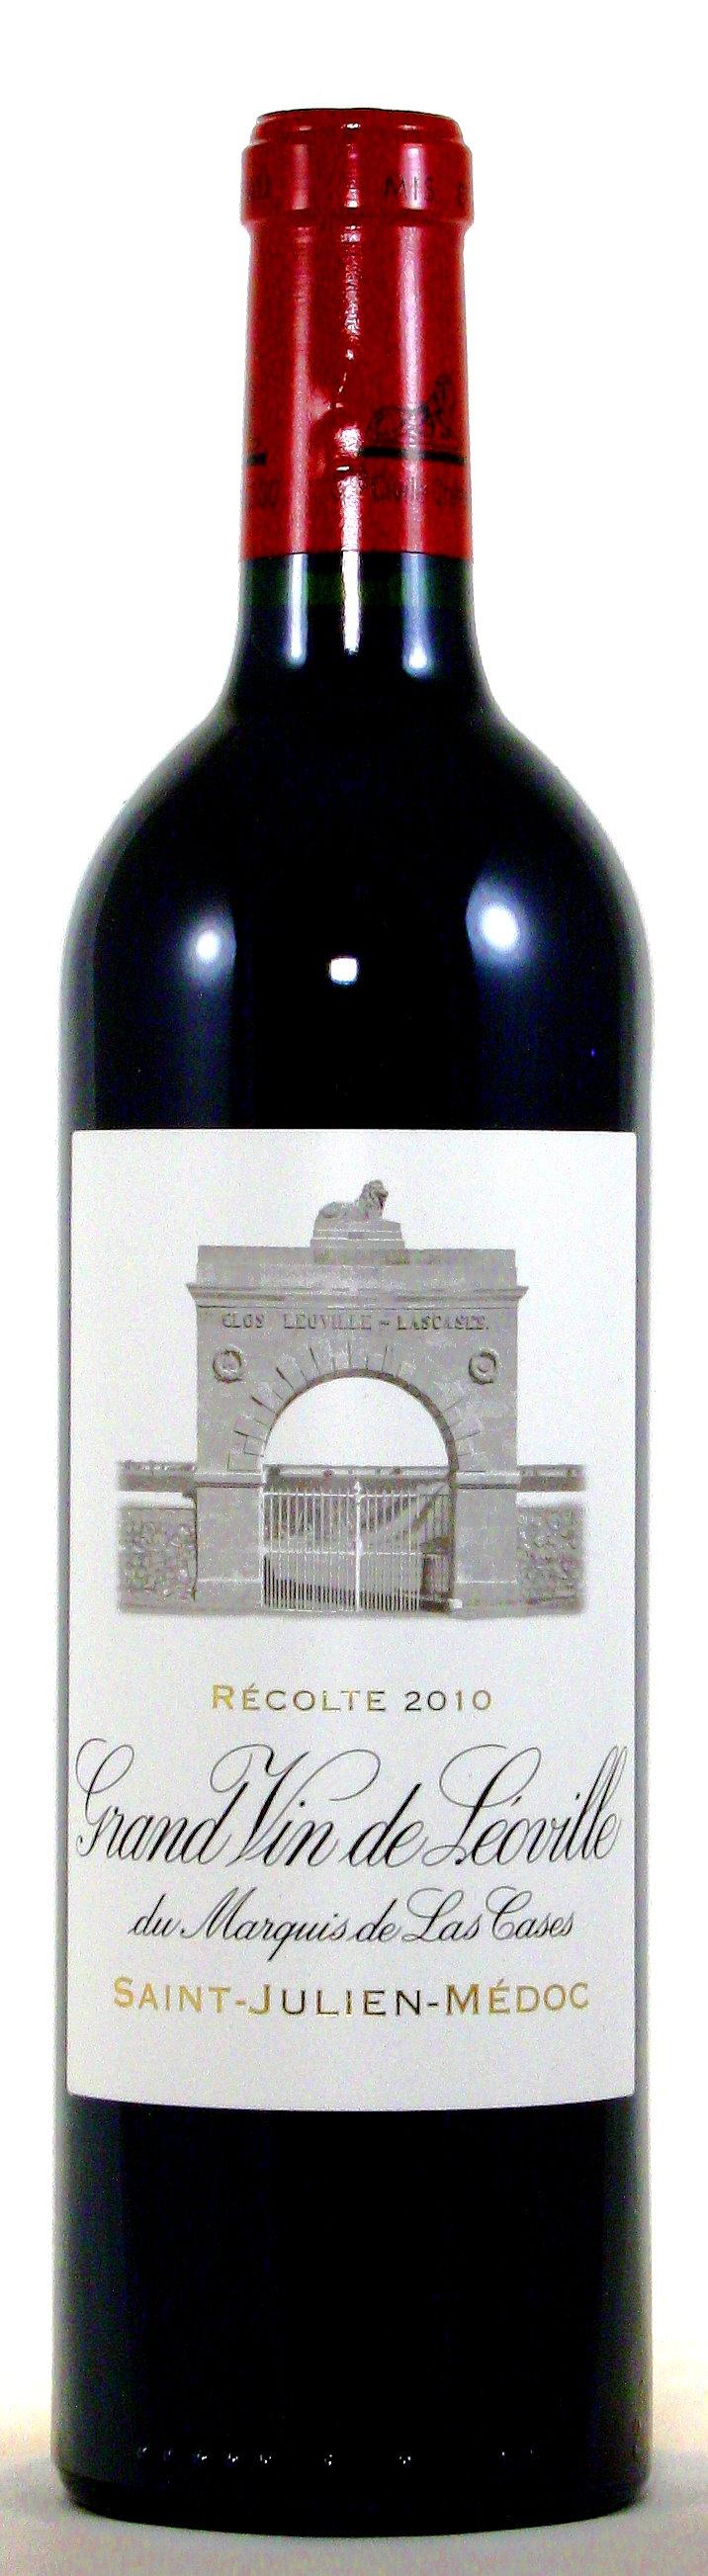 2010 Château Léoville las Cases, 2. Grand Cru Classé Saint Julien, Médoc Bordeaux